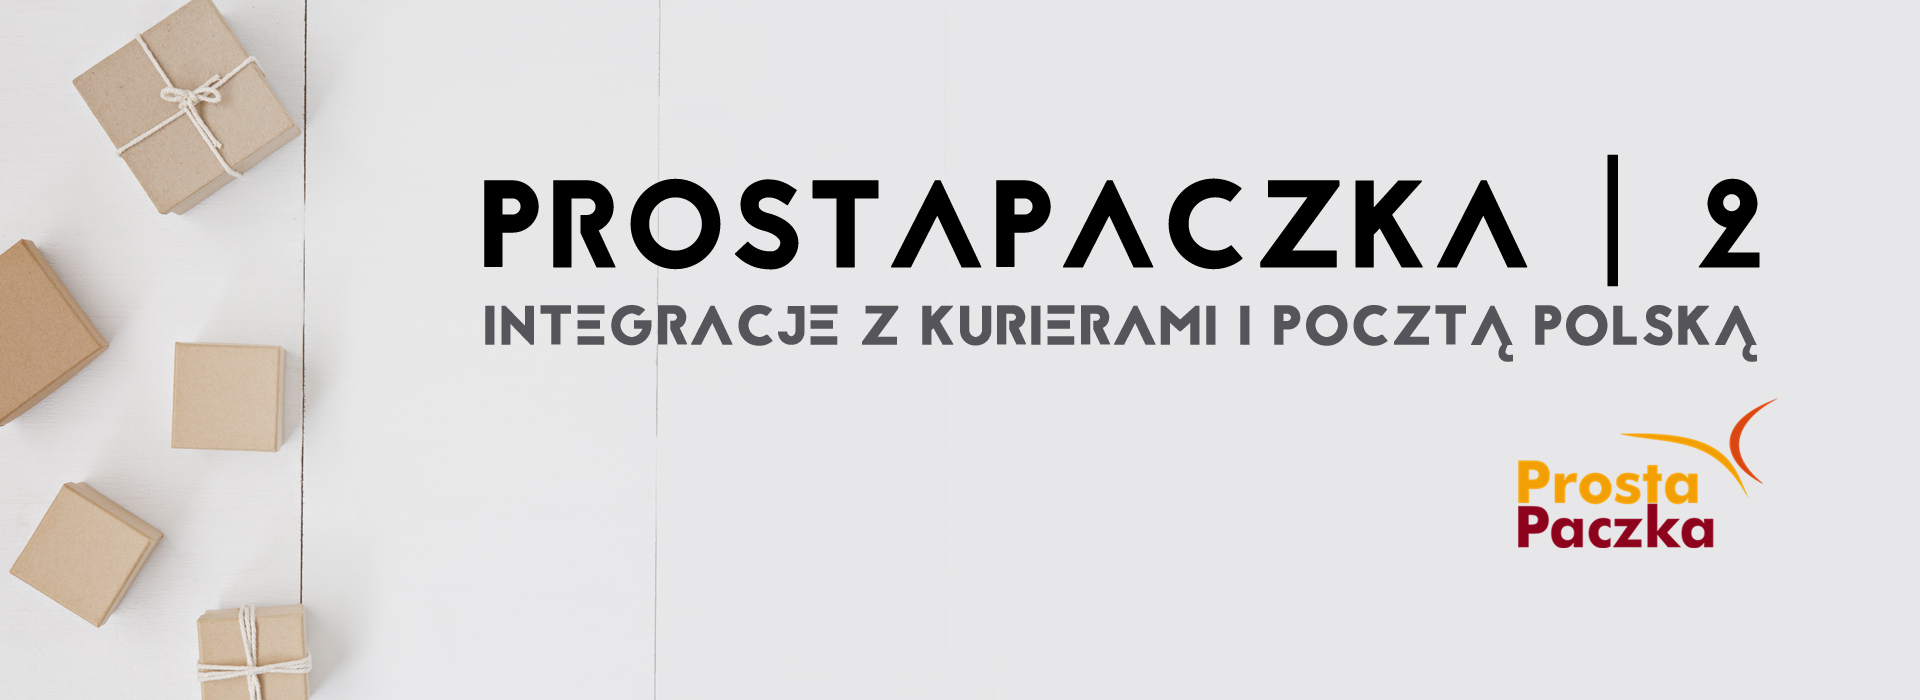 Banner reklamowy ProstaPaczka2- integracje z kurierami i Pocztą Polską